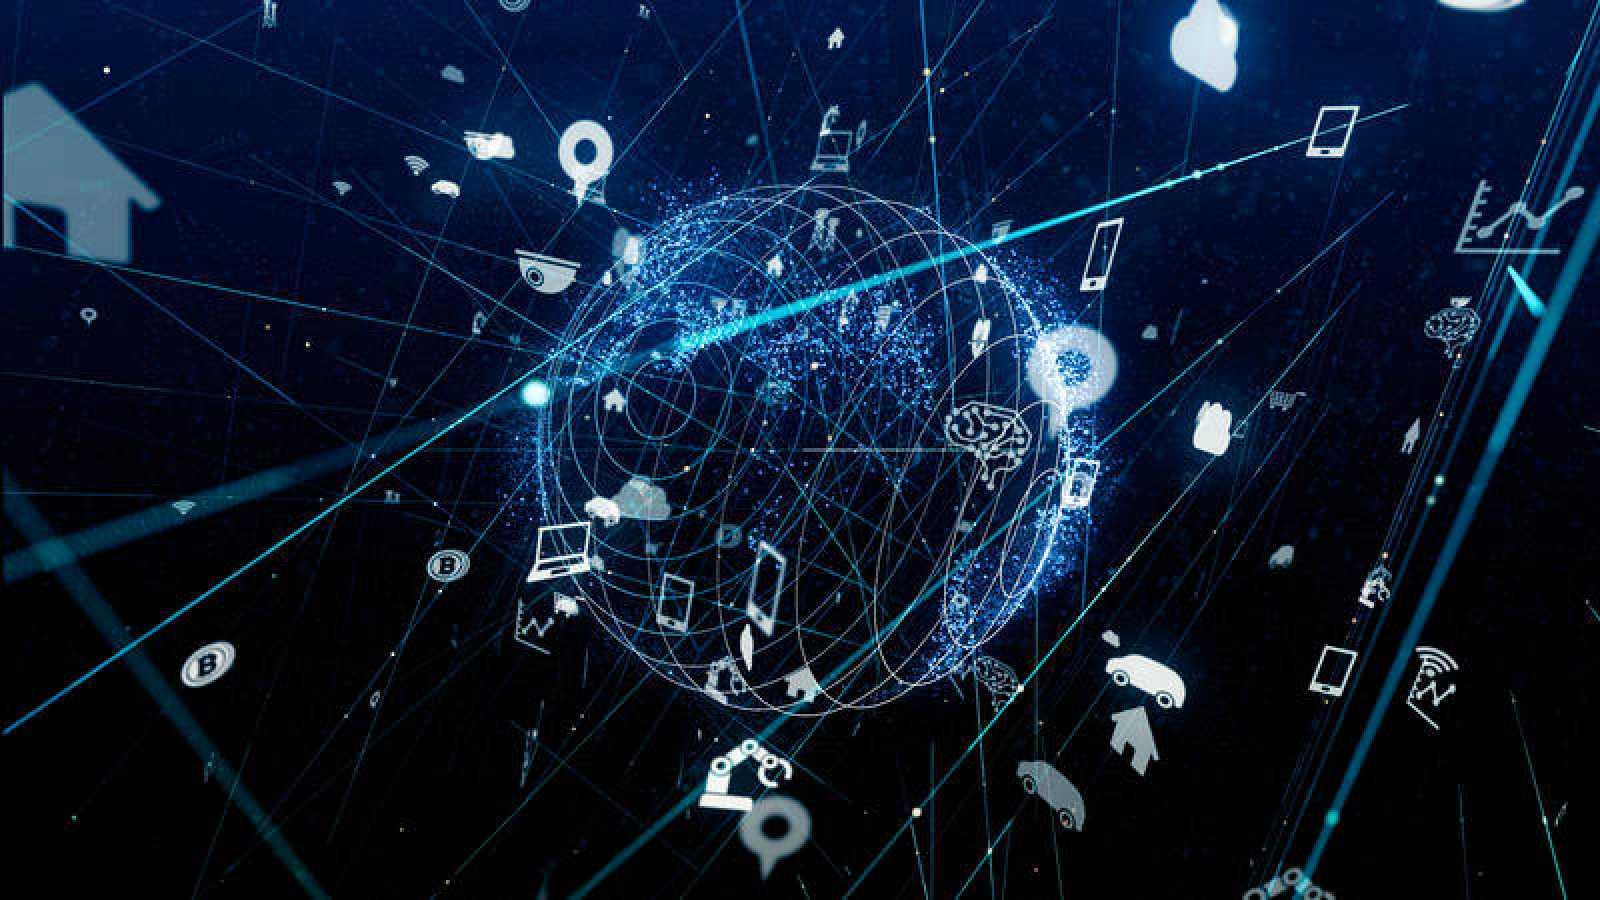 El Gobierno podrá intervenir redes y servicios digitales si amenazan el orden público o la seguridad